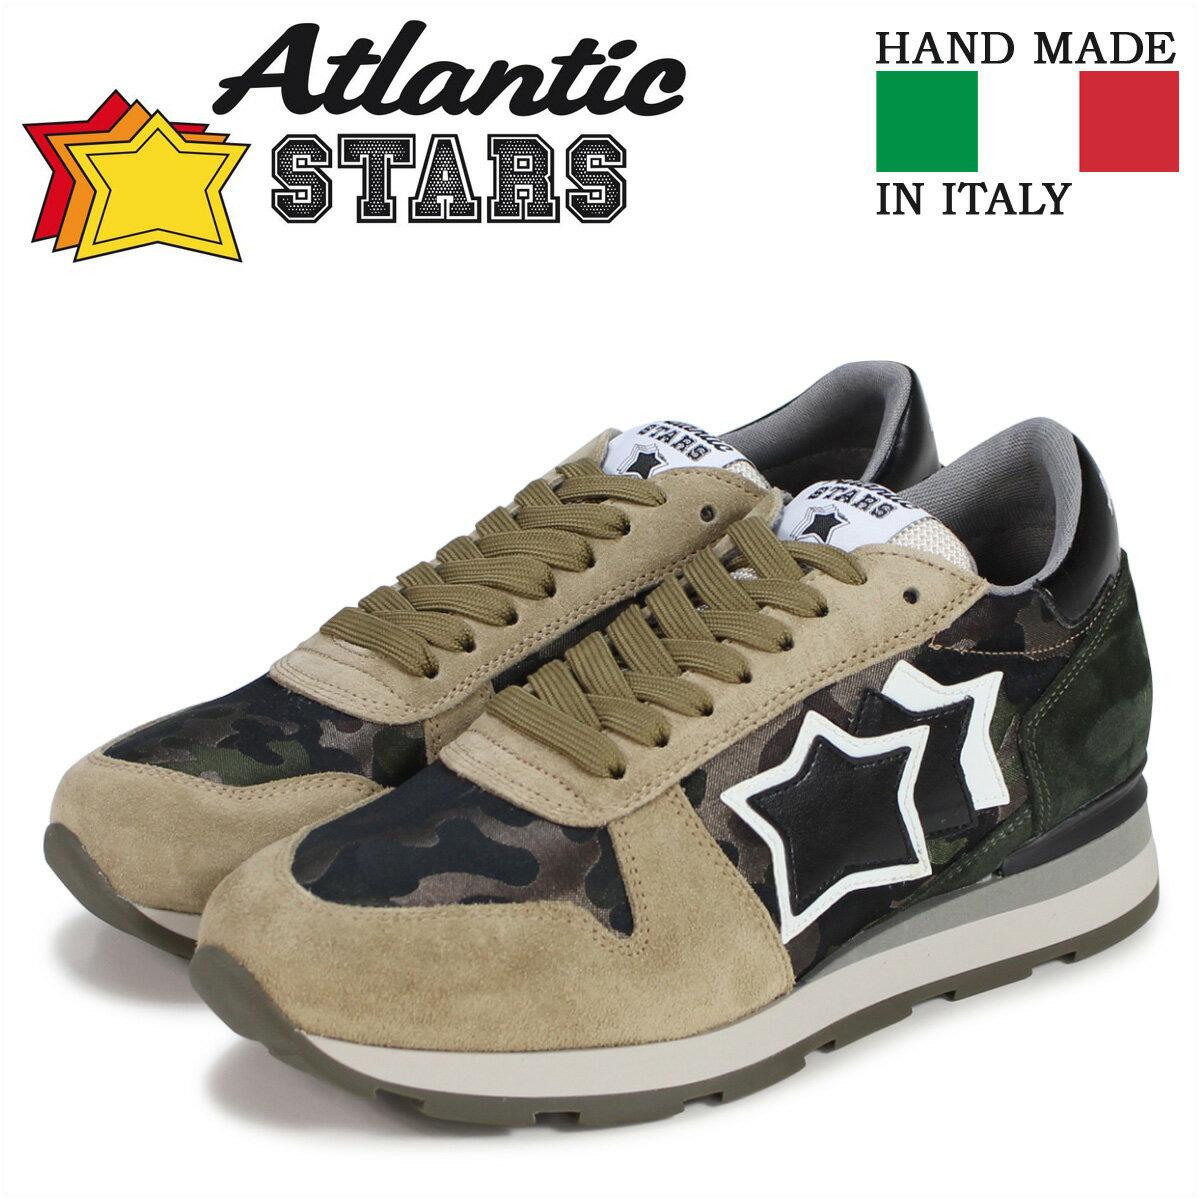 Atlantic STARS SIRIUS アトランティックスターズ メンズ スニーカー シリウス SAF-64N カモフラージュ ベージュ